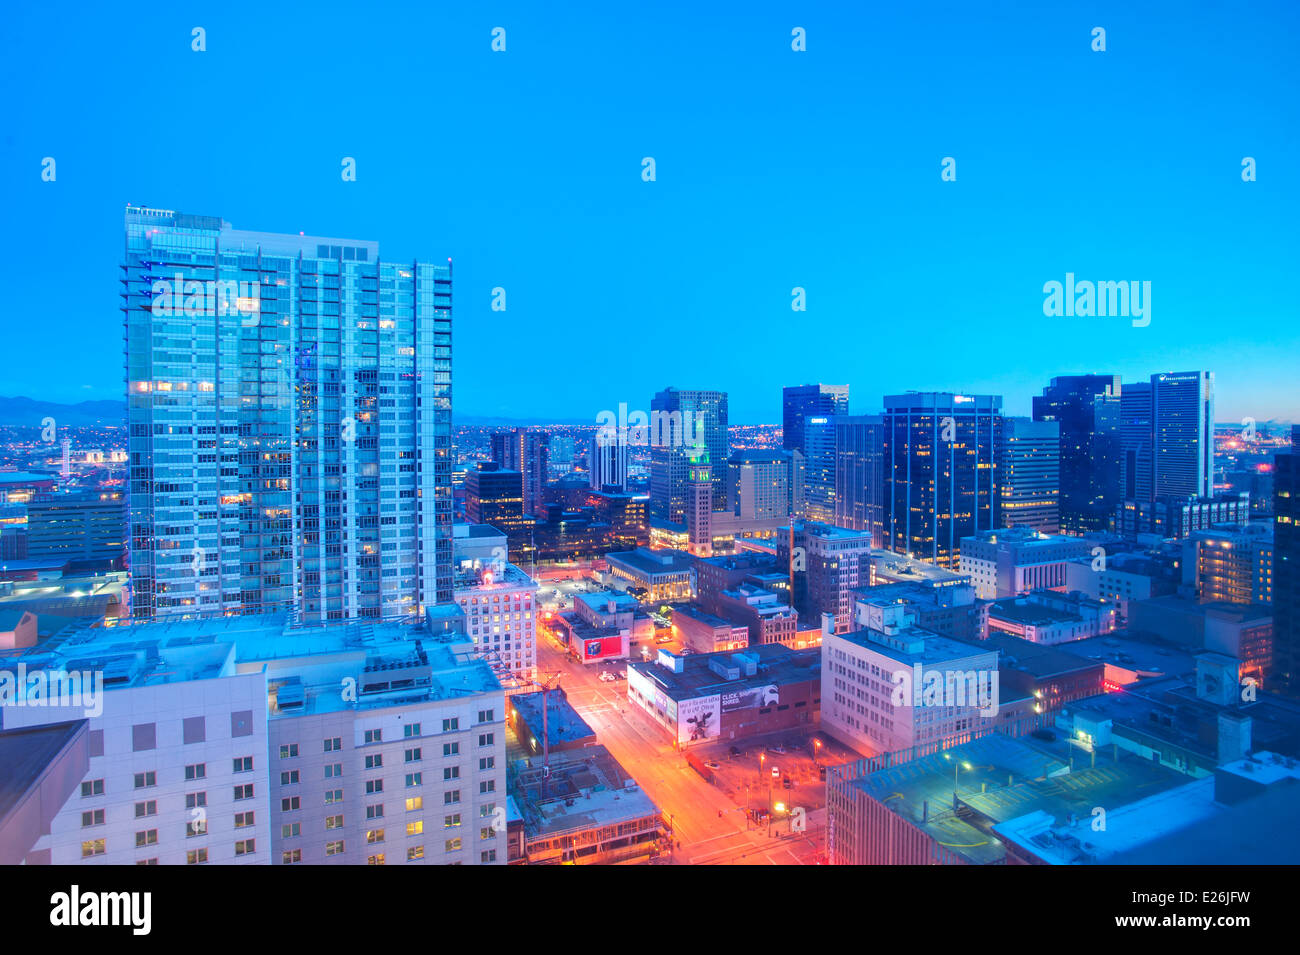 Skyline of Denver, CO - Stock Image